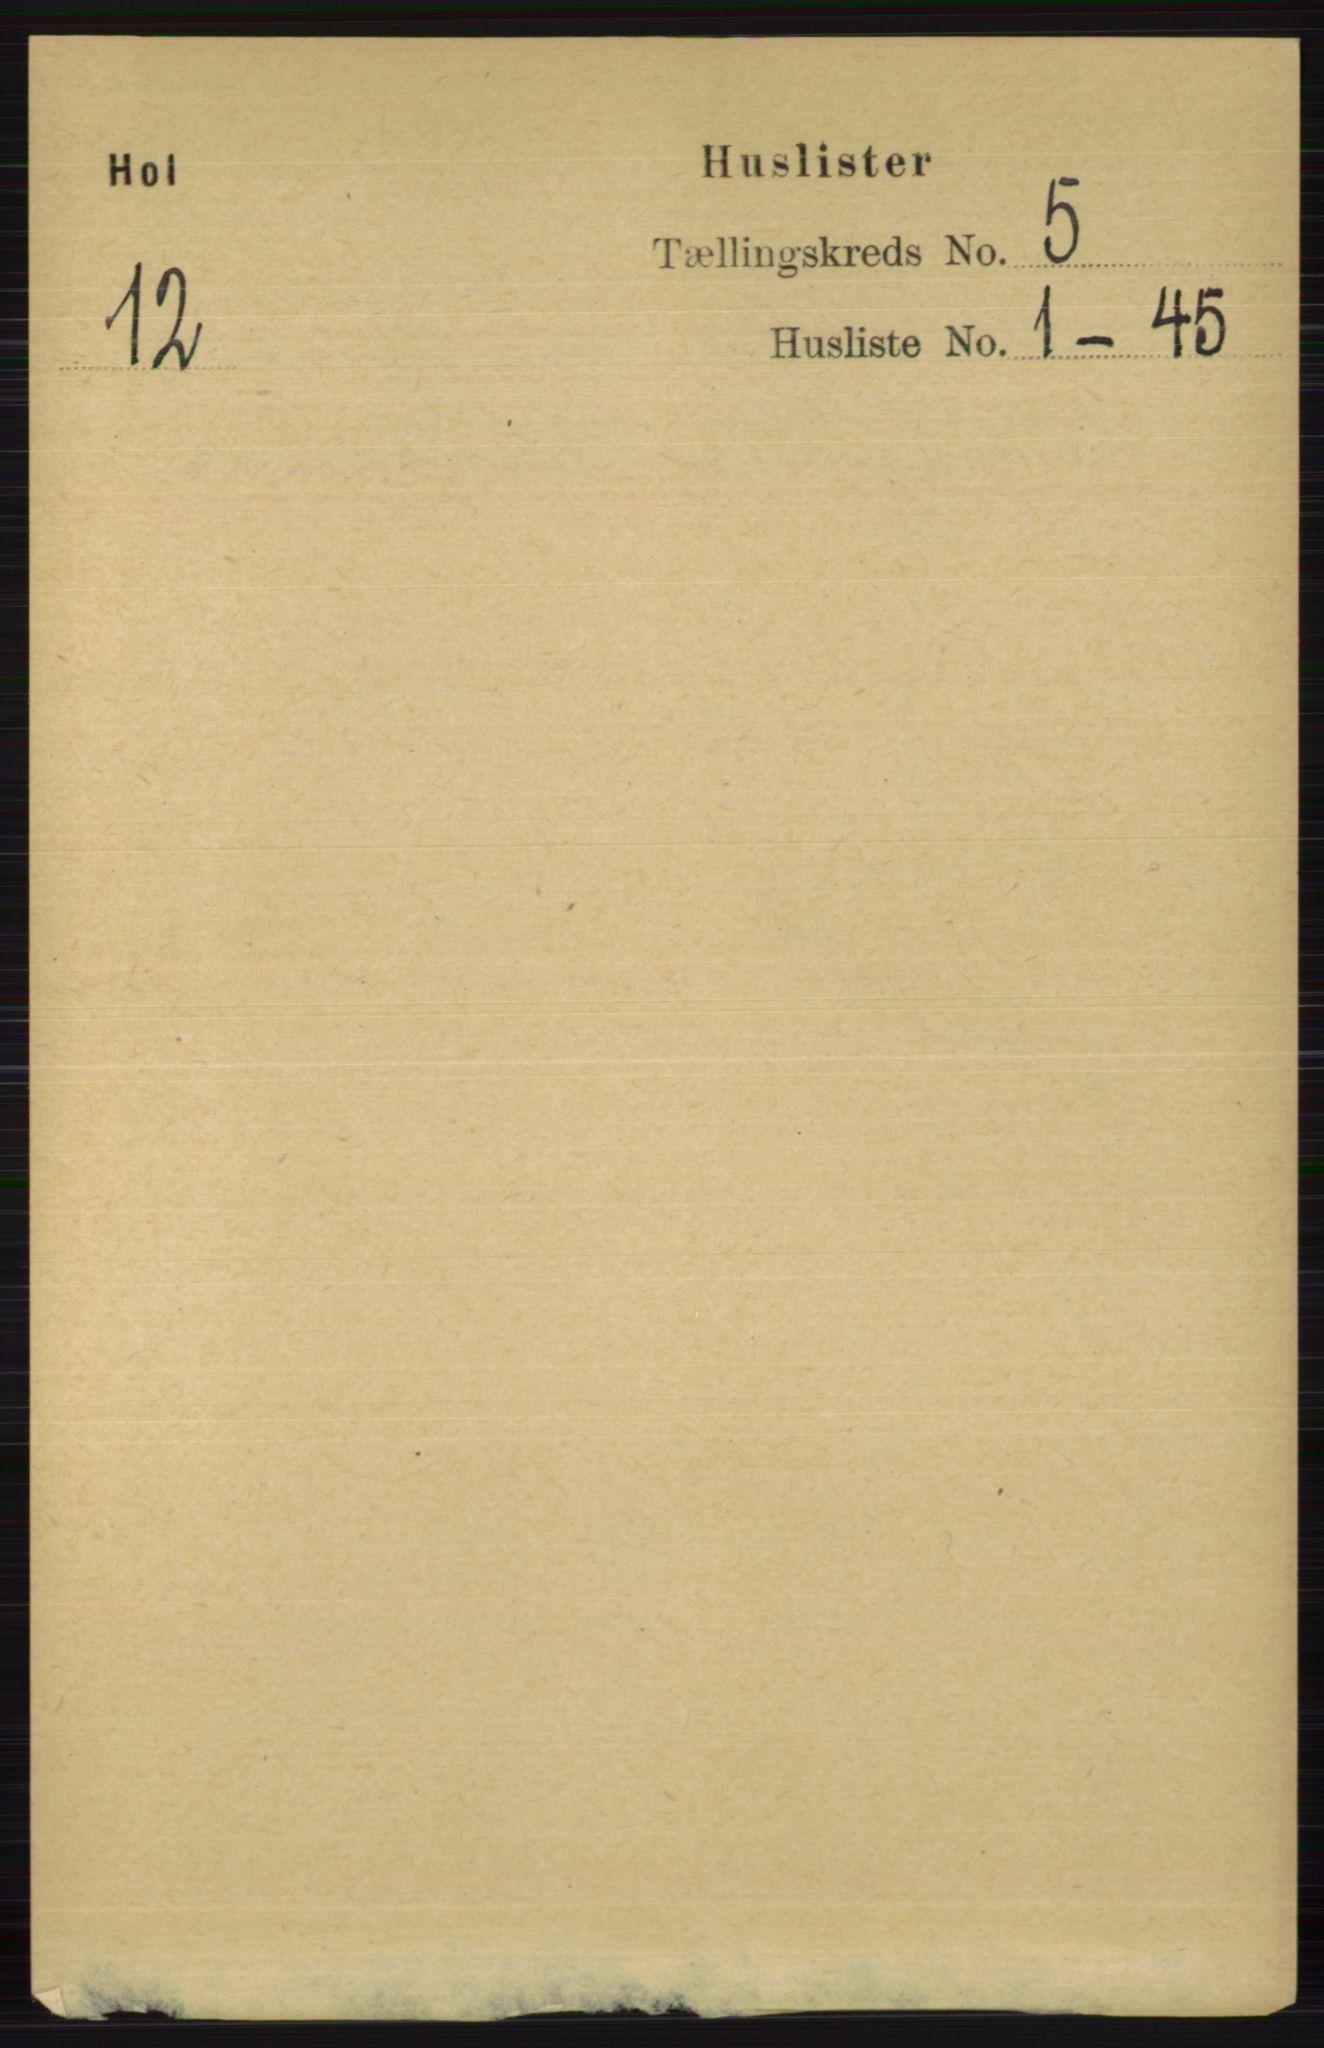 RA, Folketelling 1891 for 0620 Hol herred, 1891, s. 1417